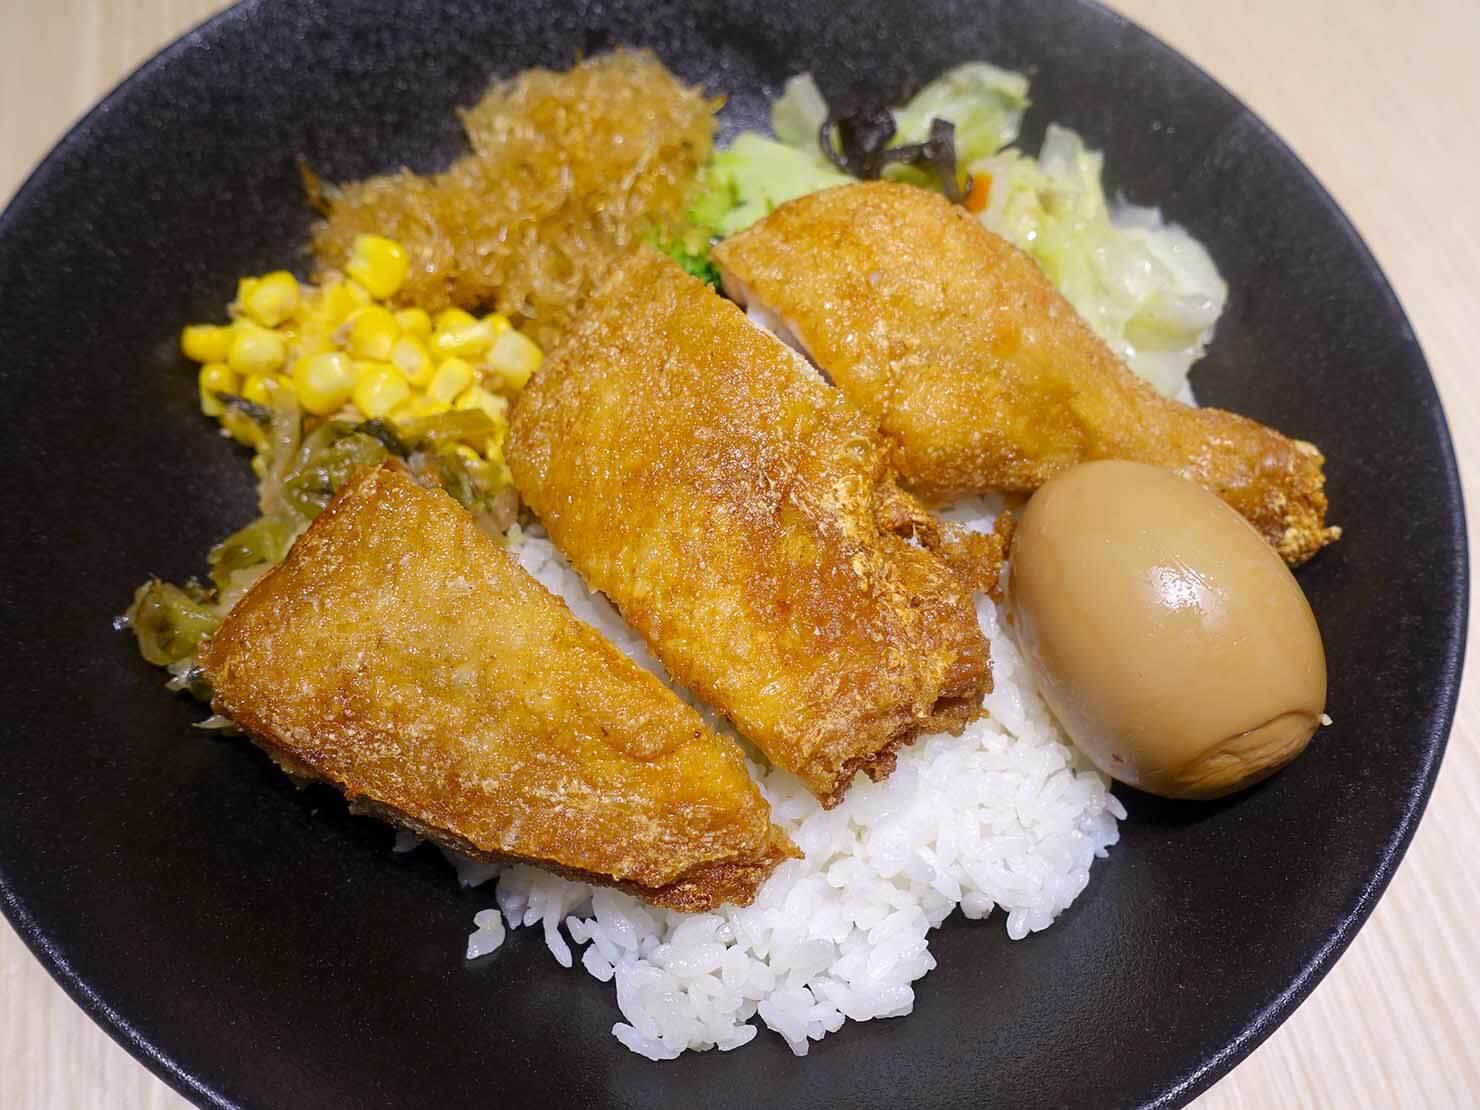 台湾のグルメチェーン店「梁社漢排骨」の炸雞腿飯